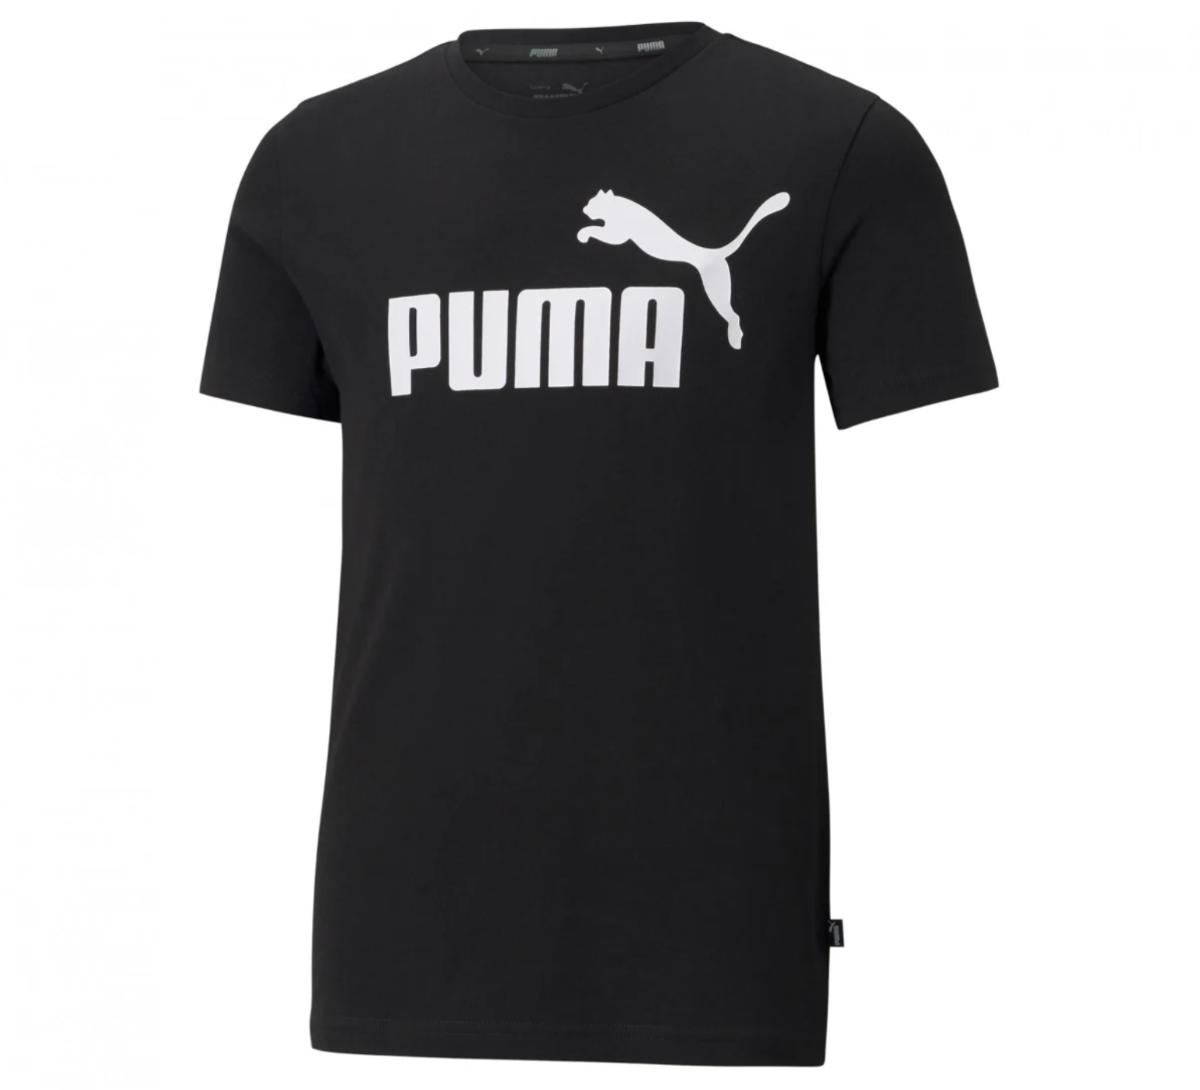 טישירט PUMA שחורה - 1-6 שנים